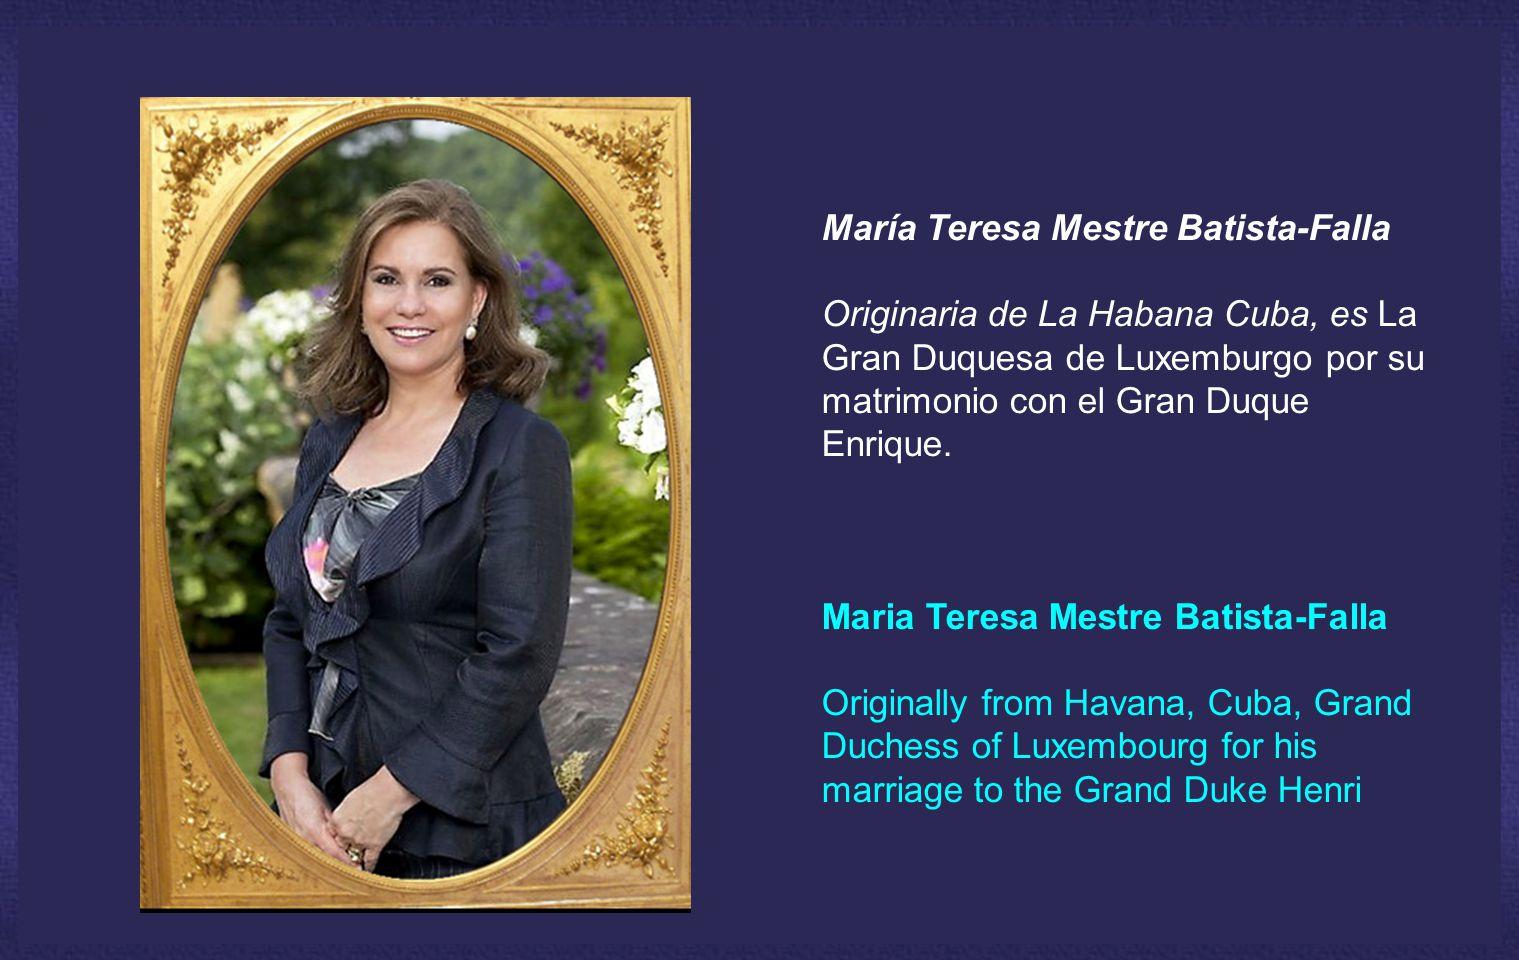 María Teresa Mestre Batista-Falla